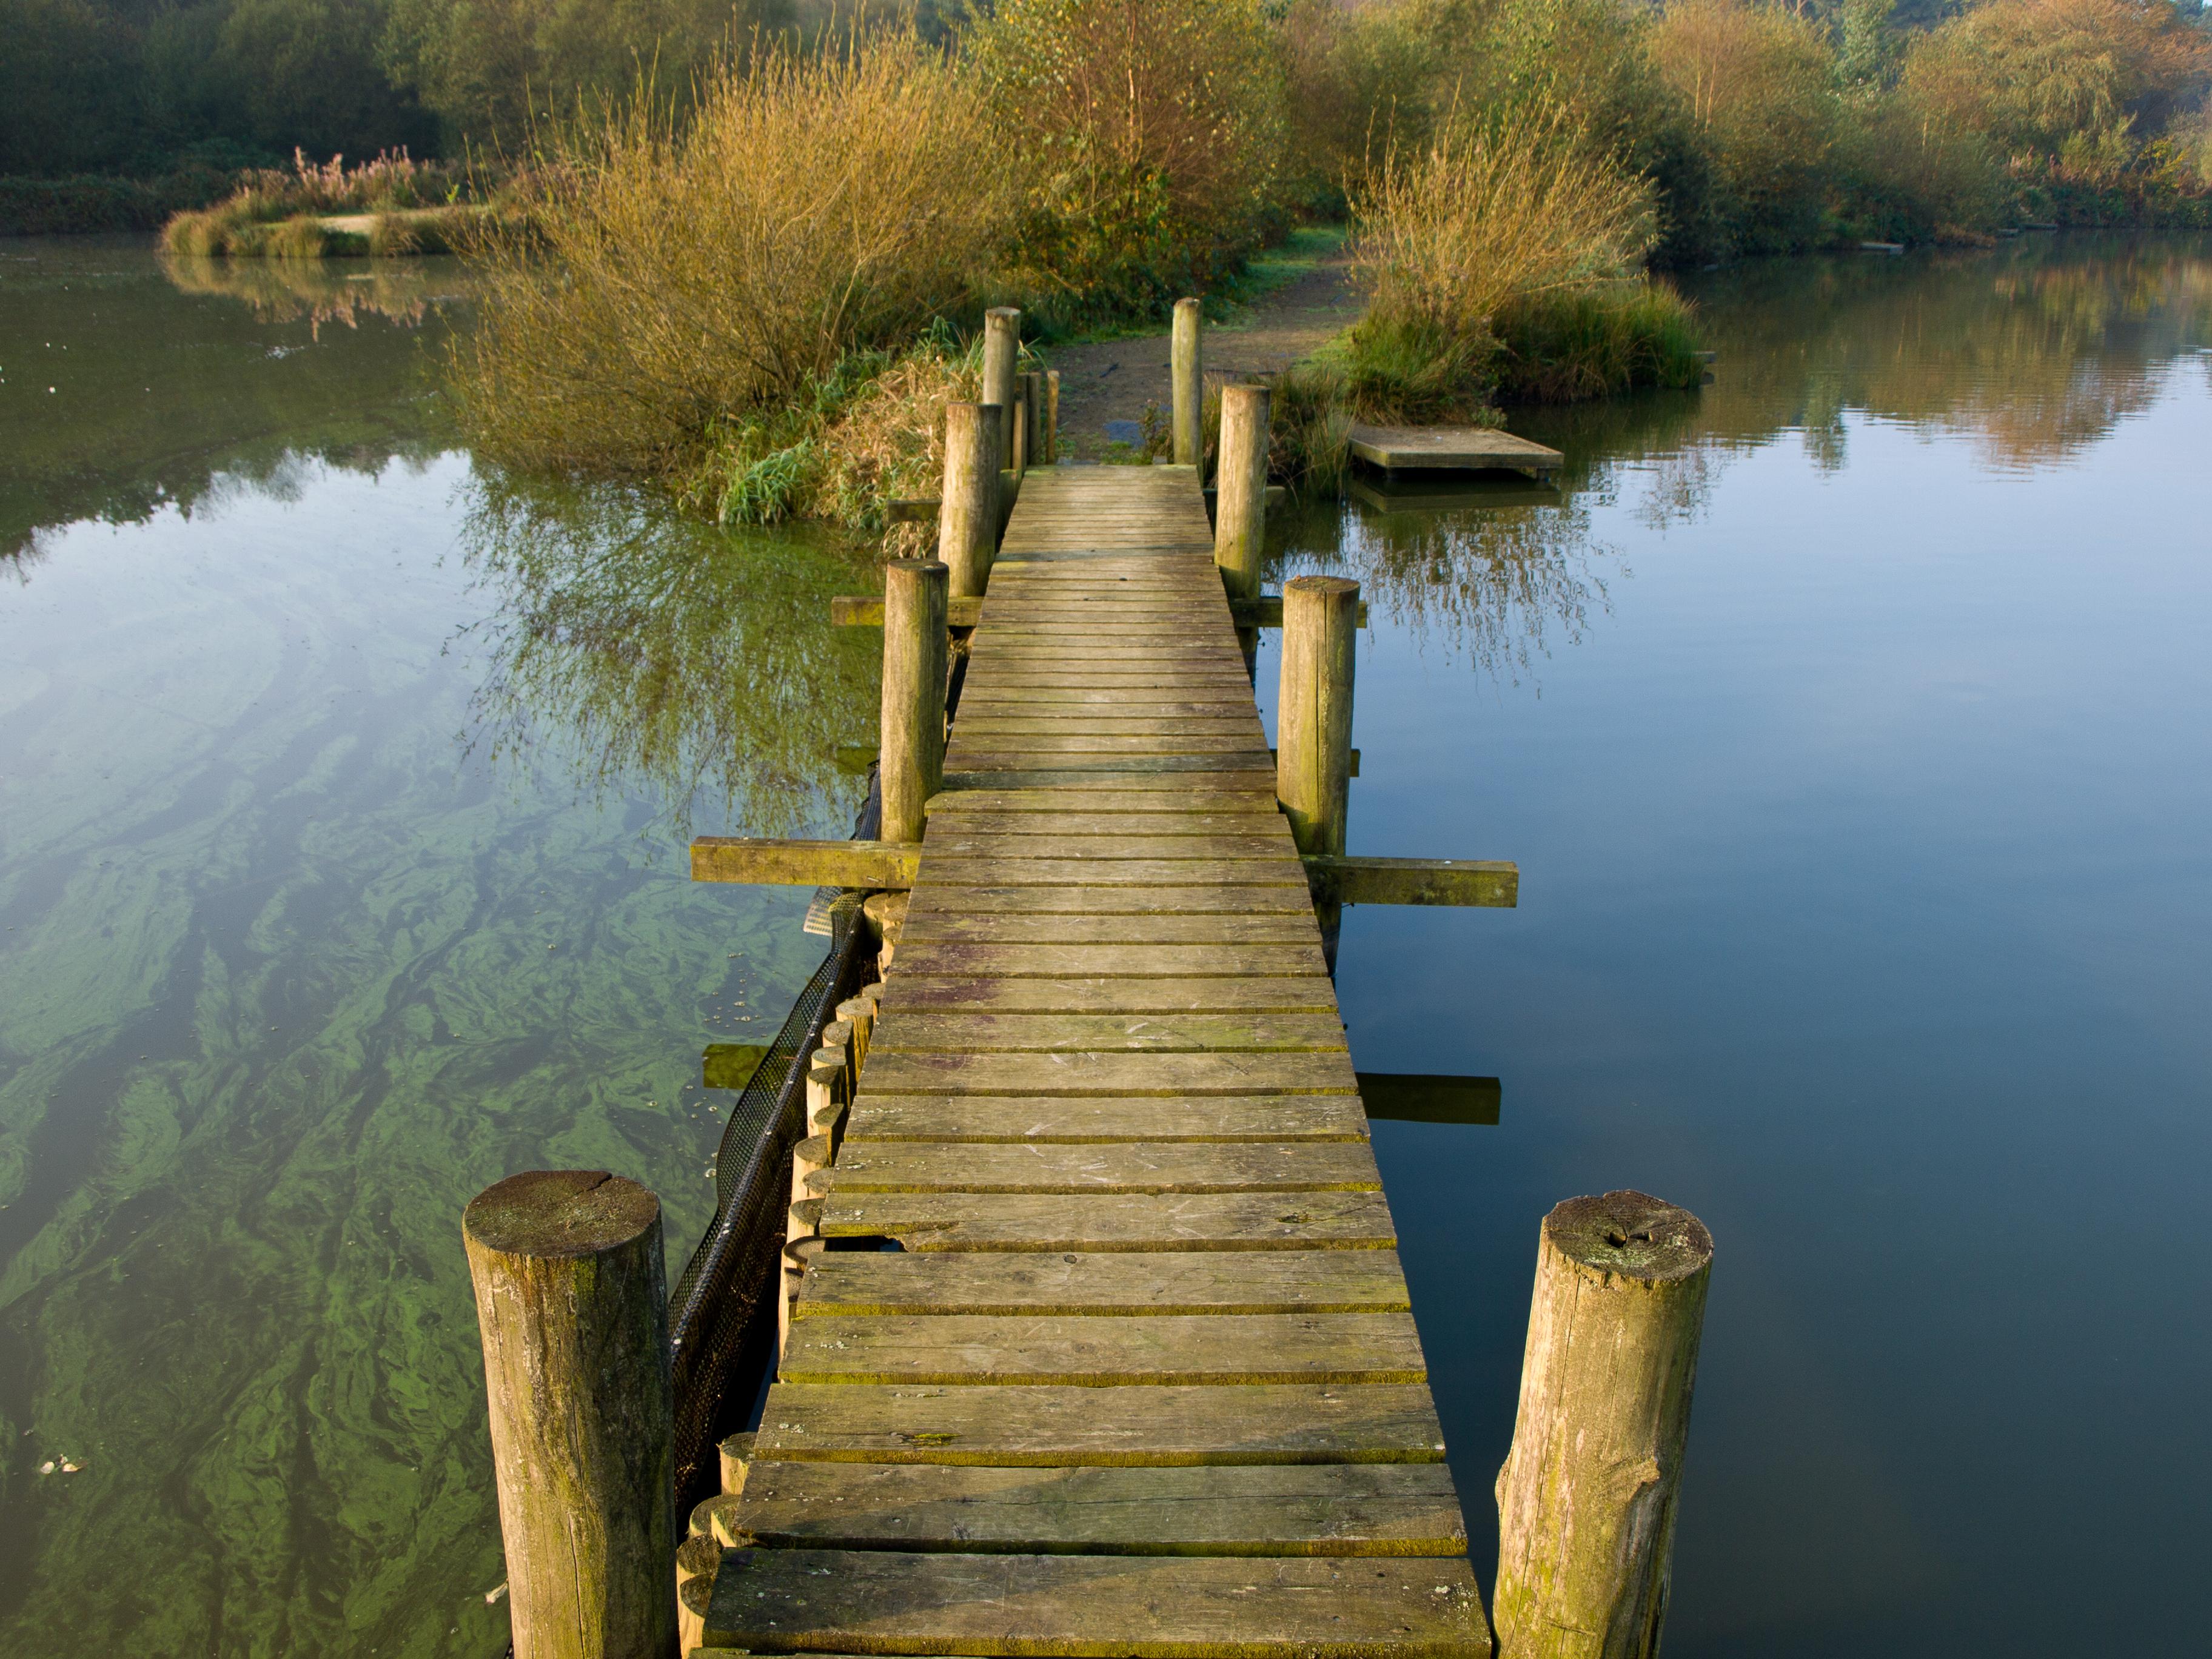 Watch Online The Wooden Bridge 2012 Witch Subtitles Hdrip Joker8696